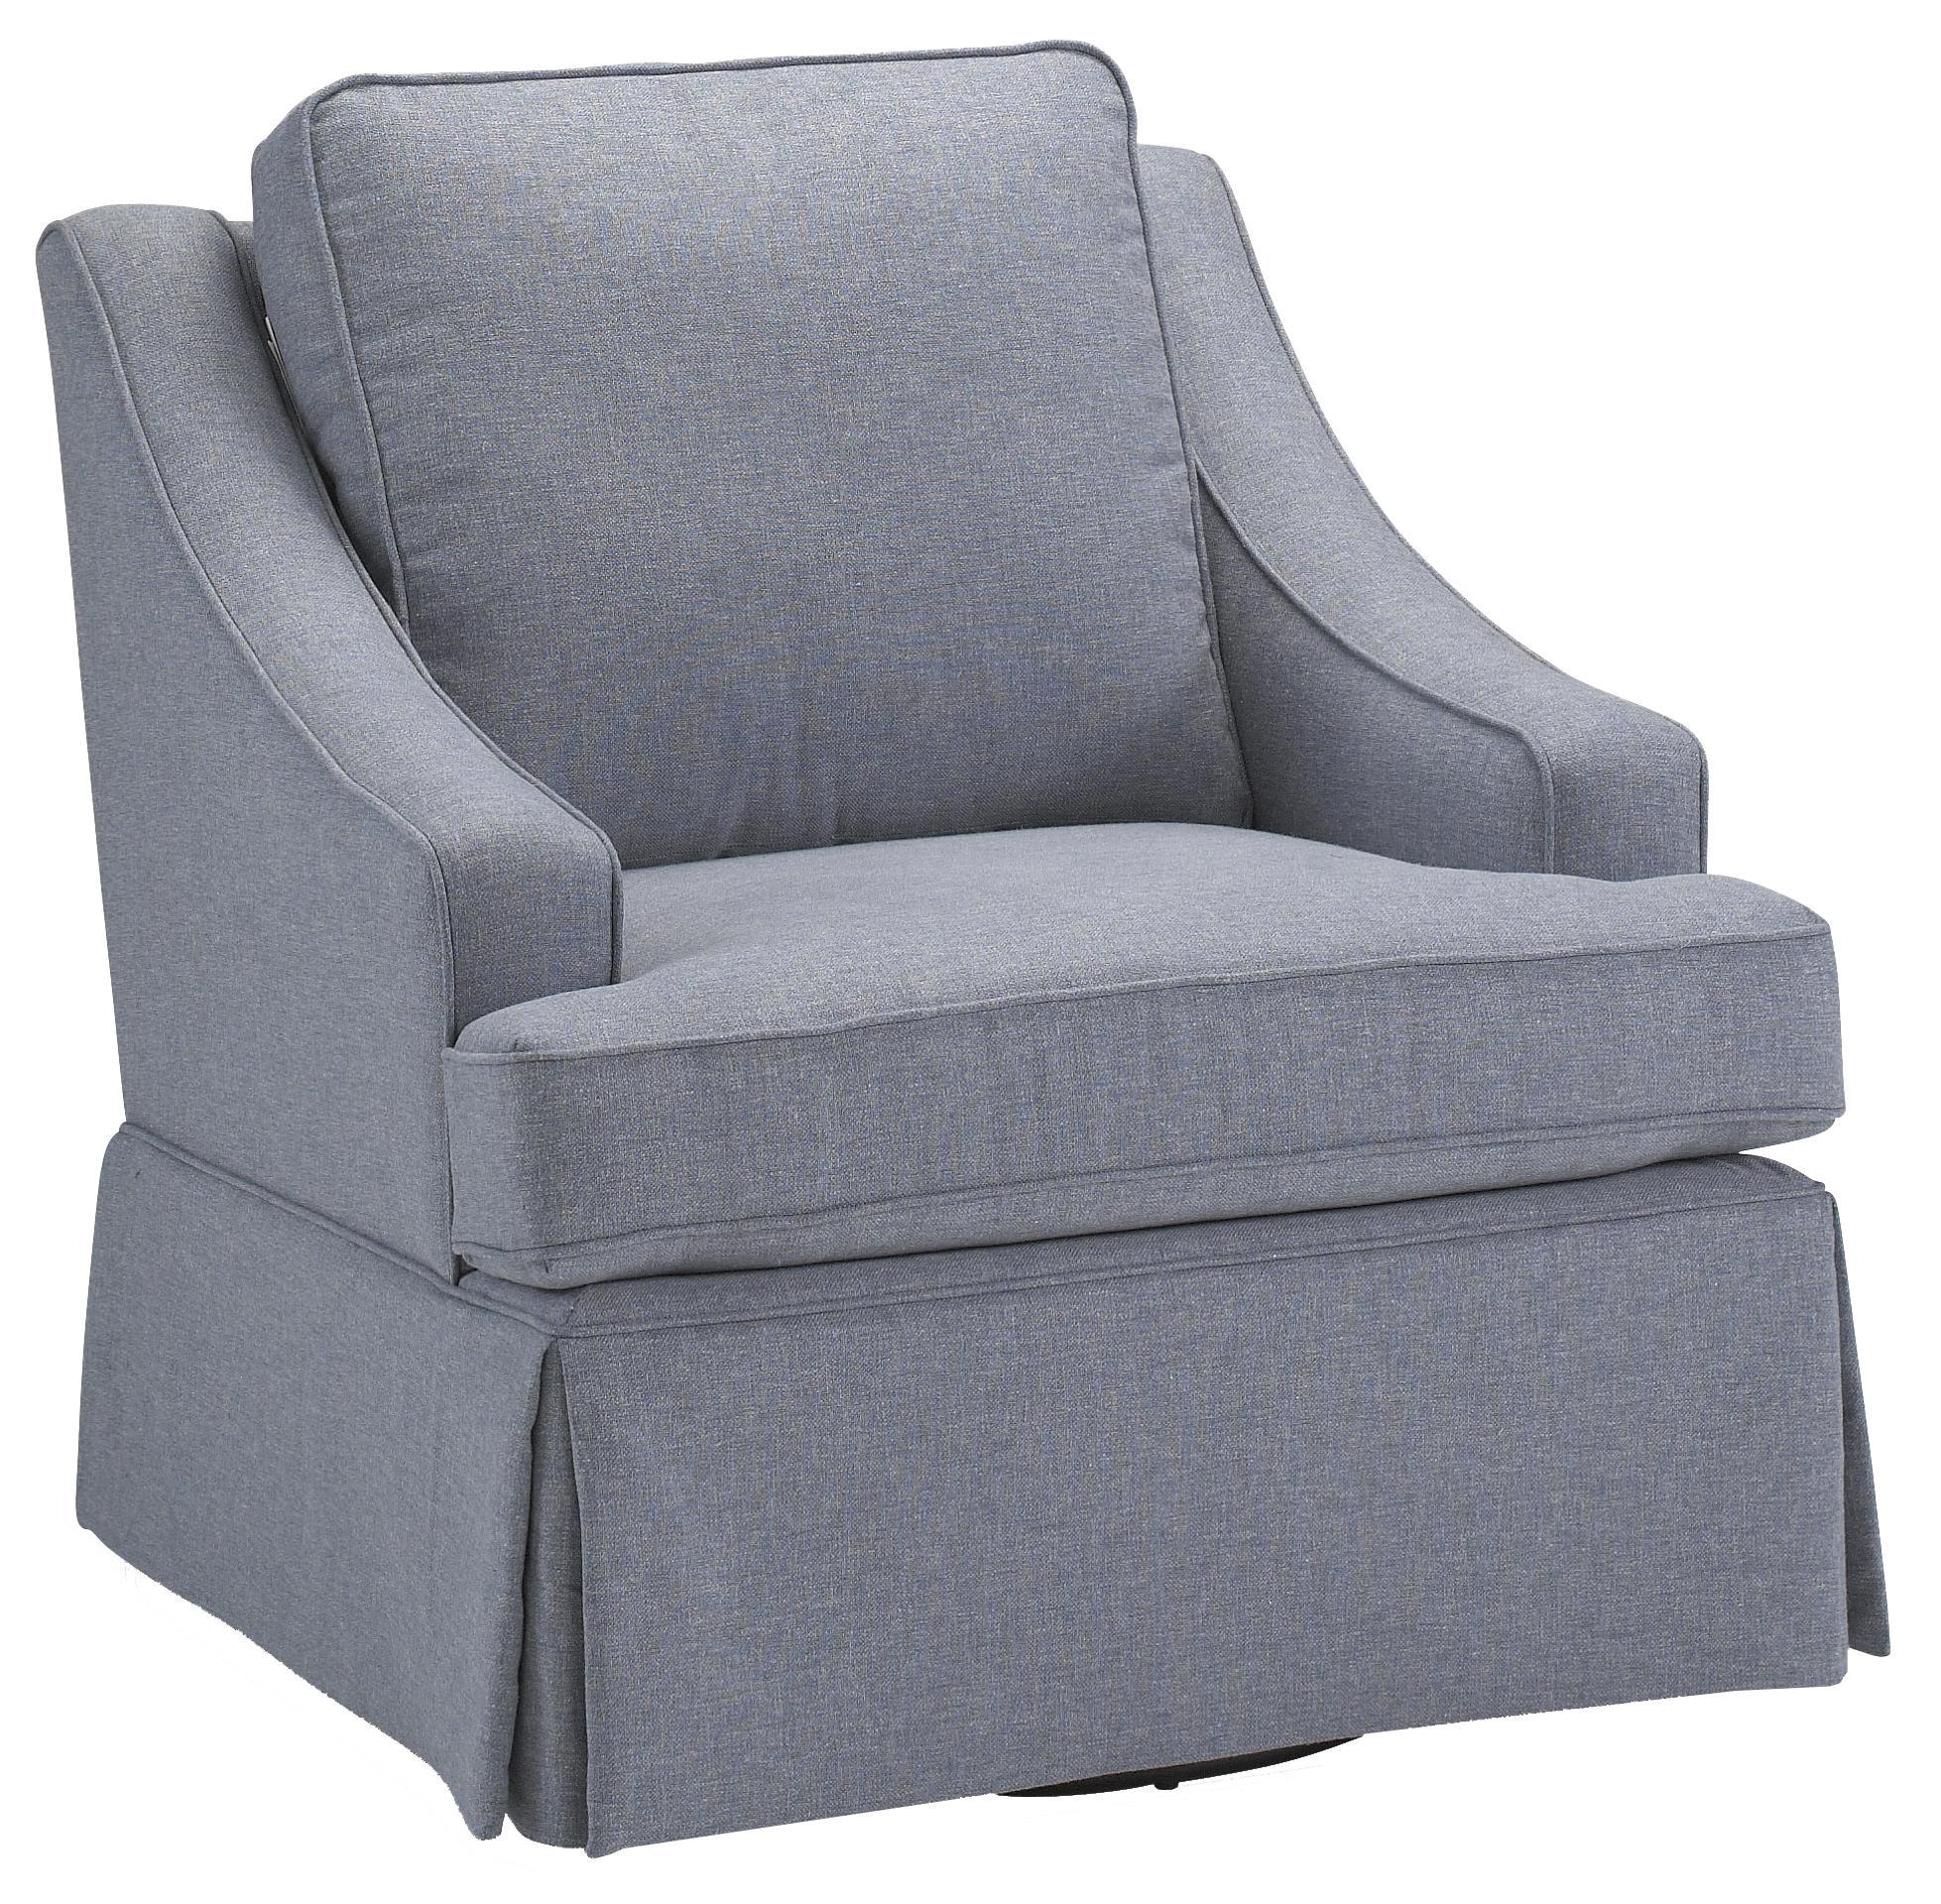 Best Home Furnishings Chairs   Swivel GlideAyla Swivel Rocker ...